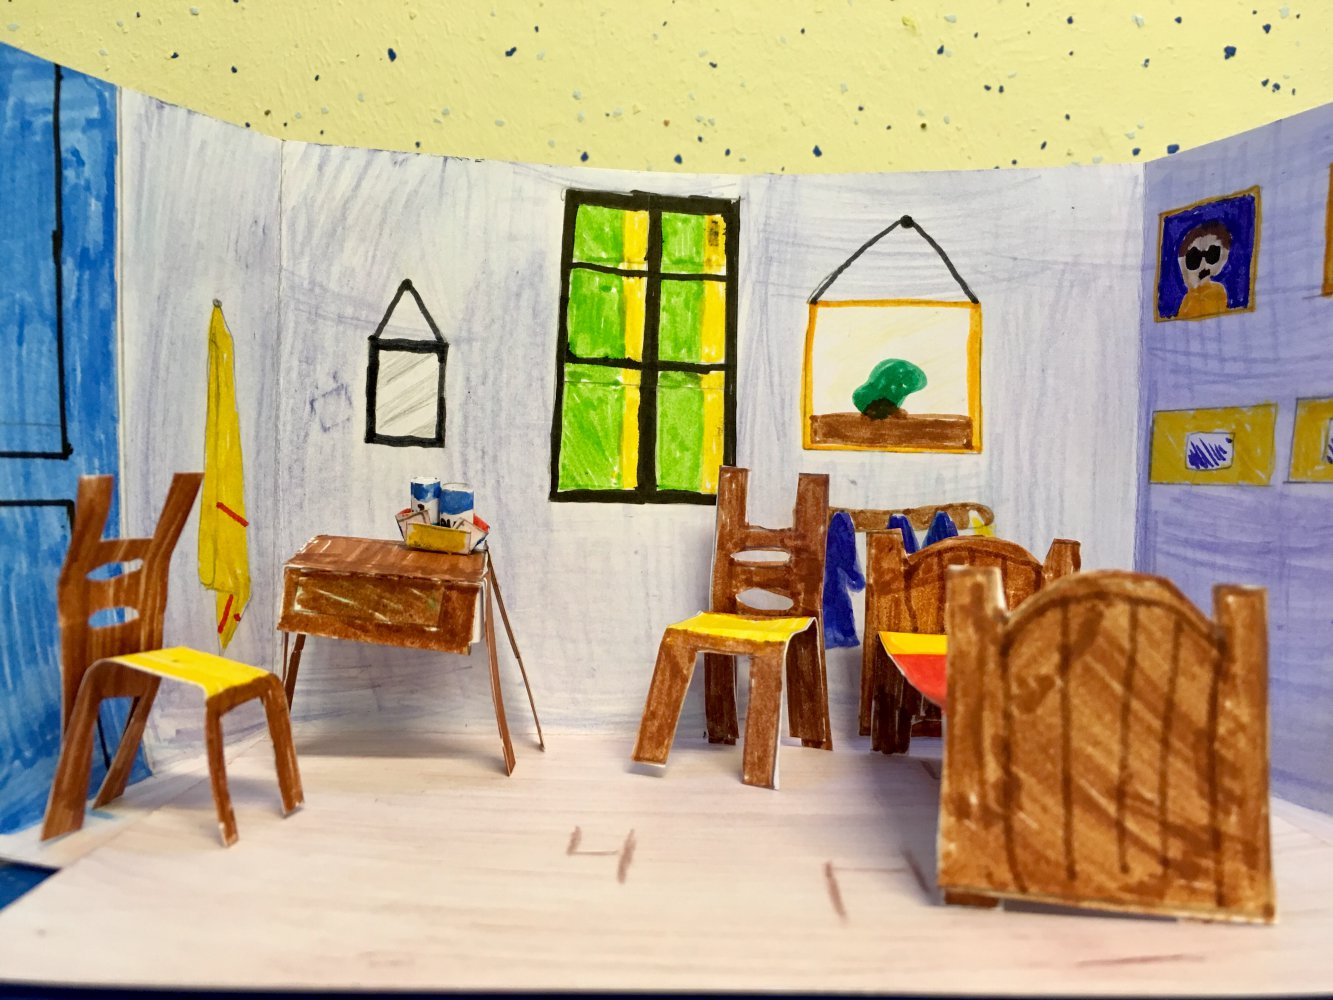 Les Cm2g Fr L 39hôtel Van Gogh La Chambre à Arles